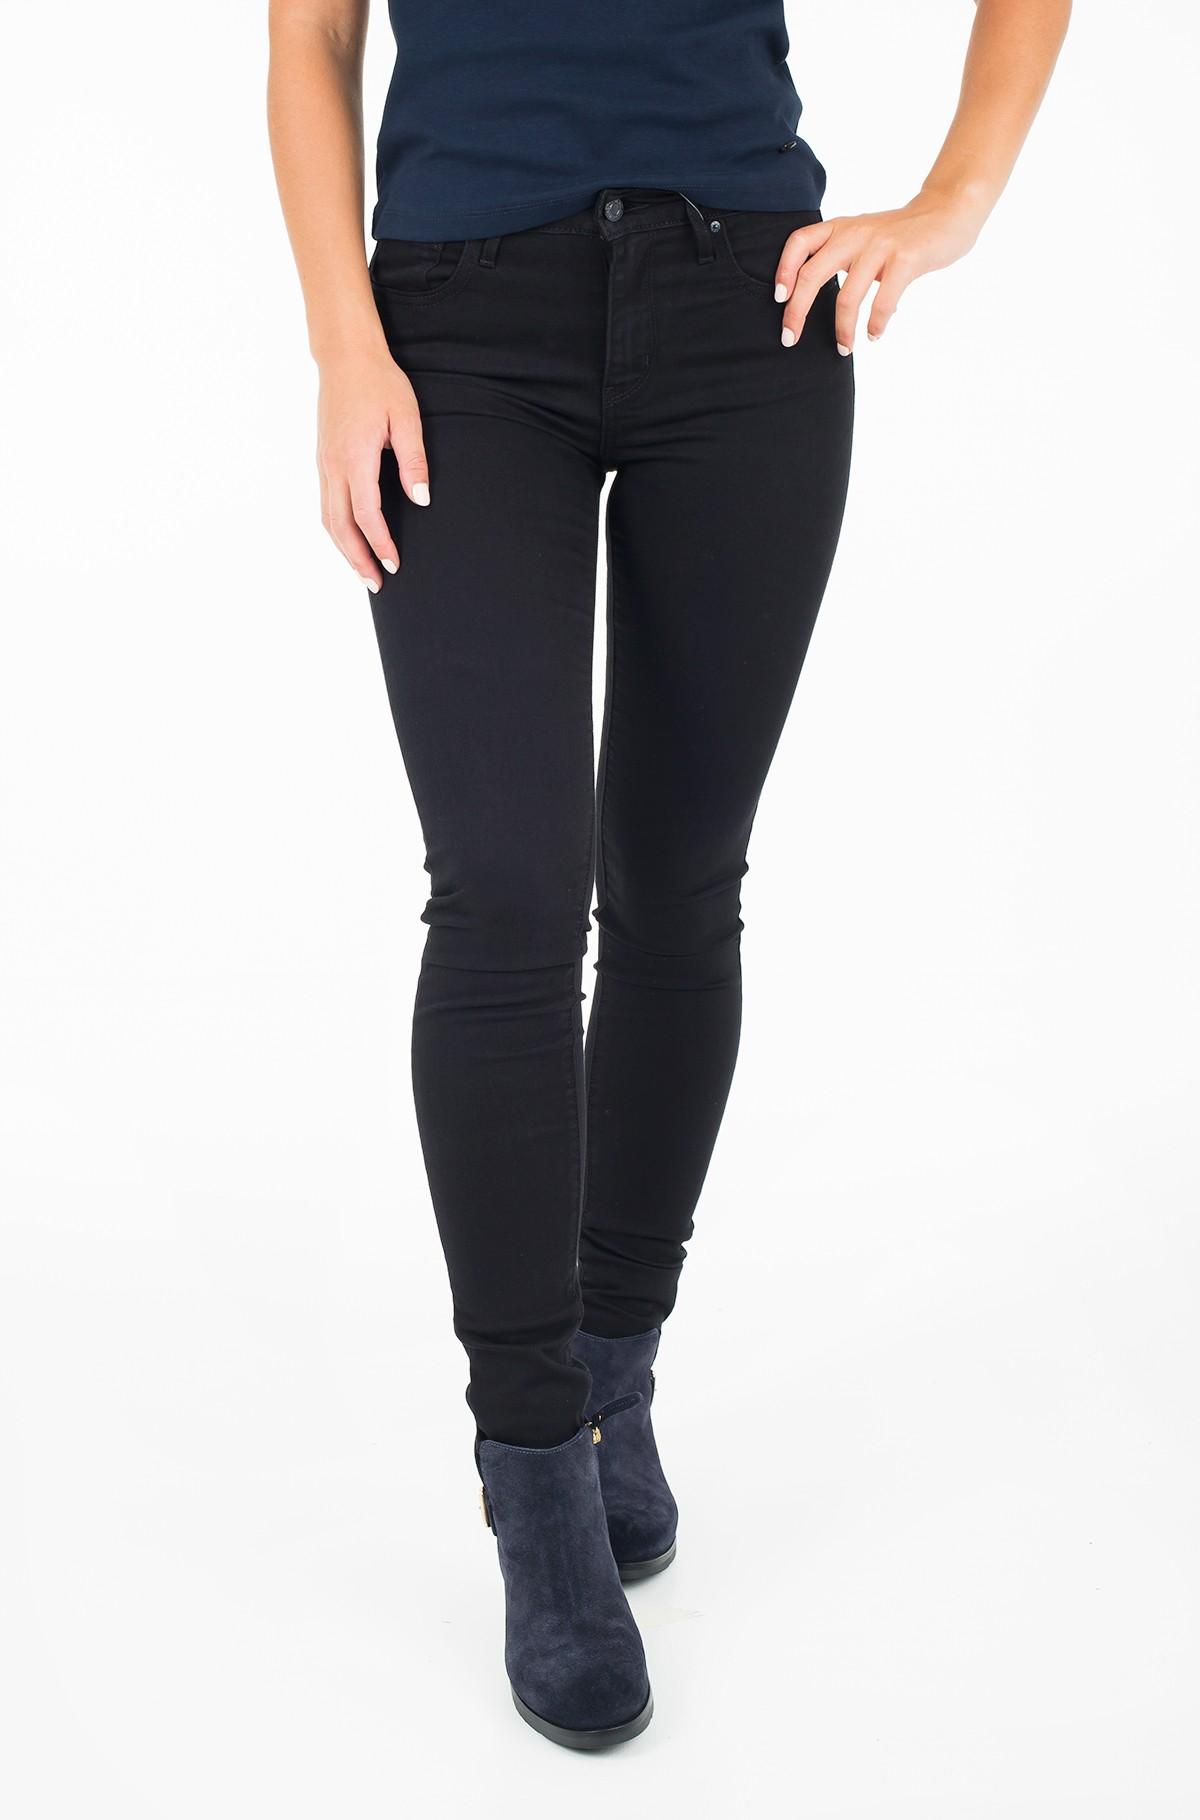 Jeans 18882003-full-1